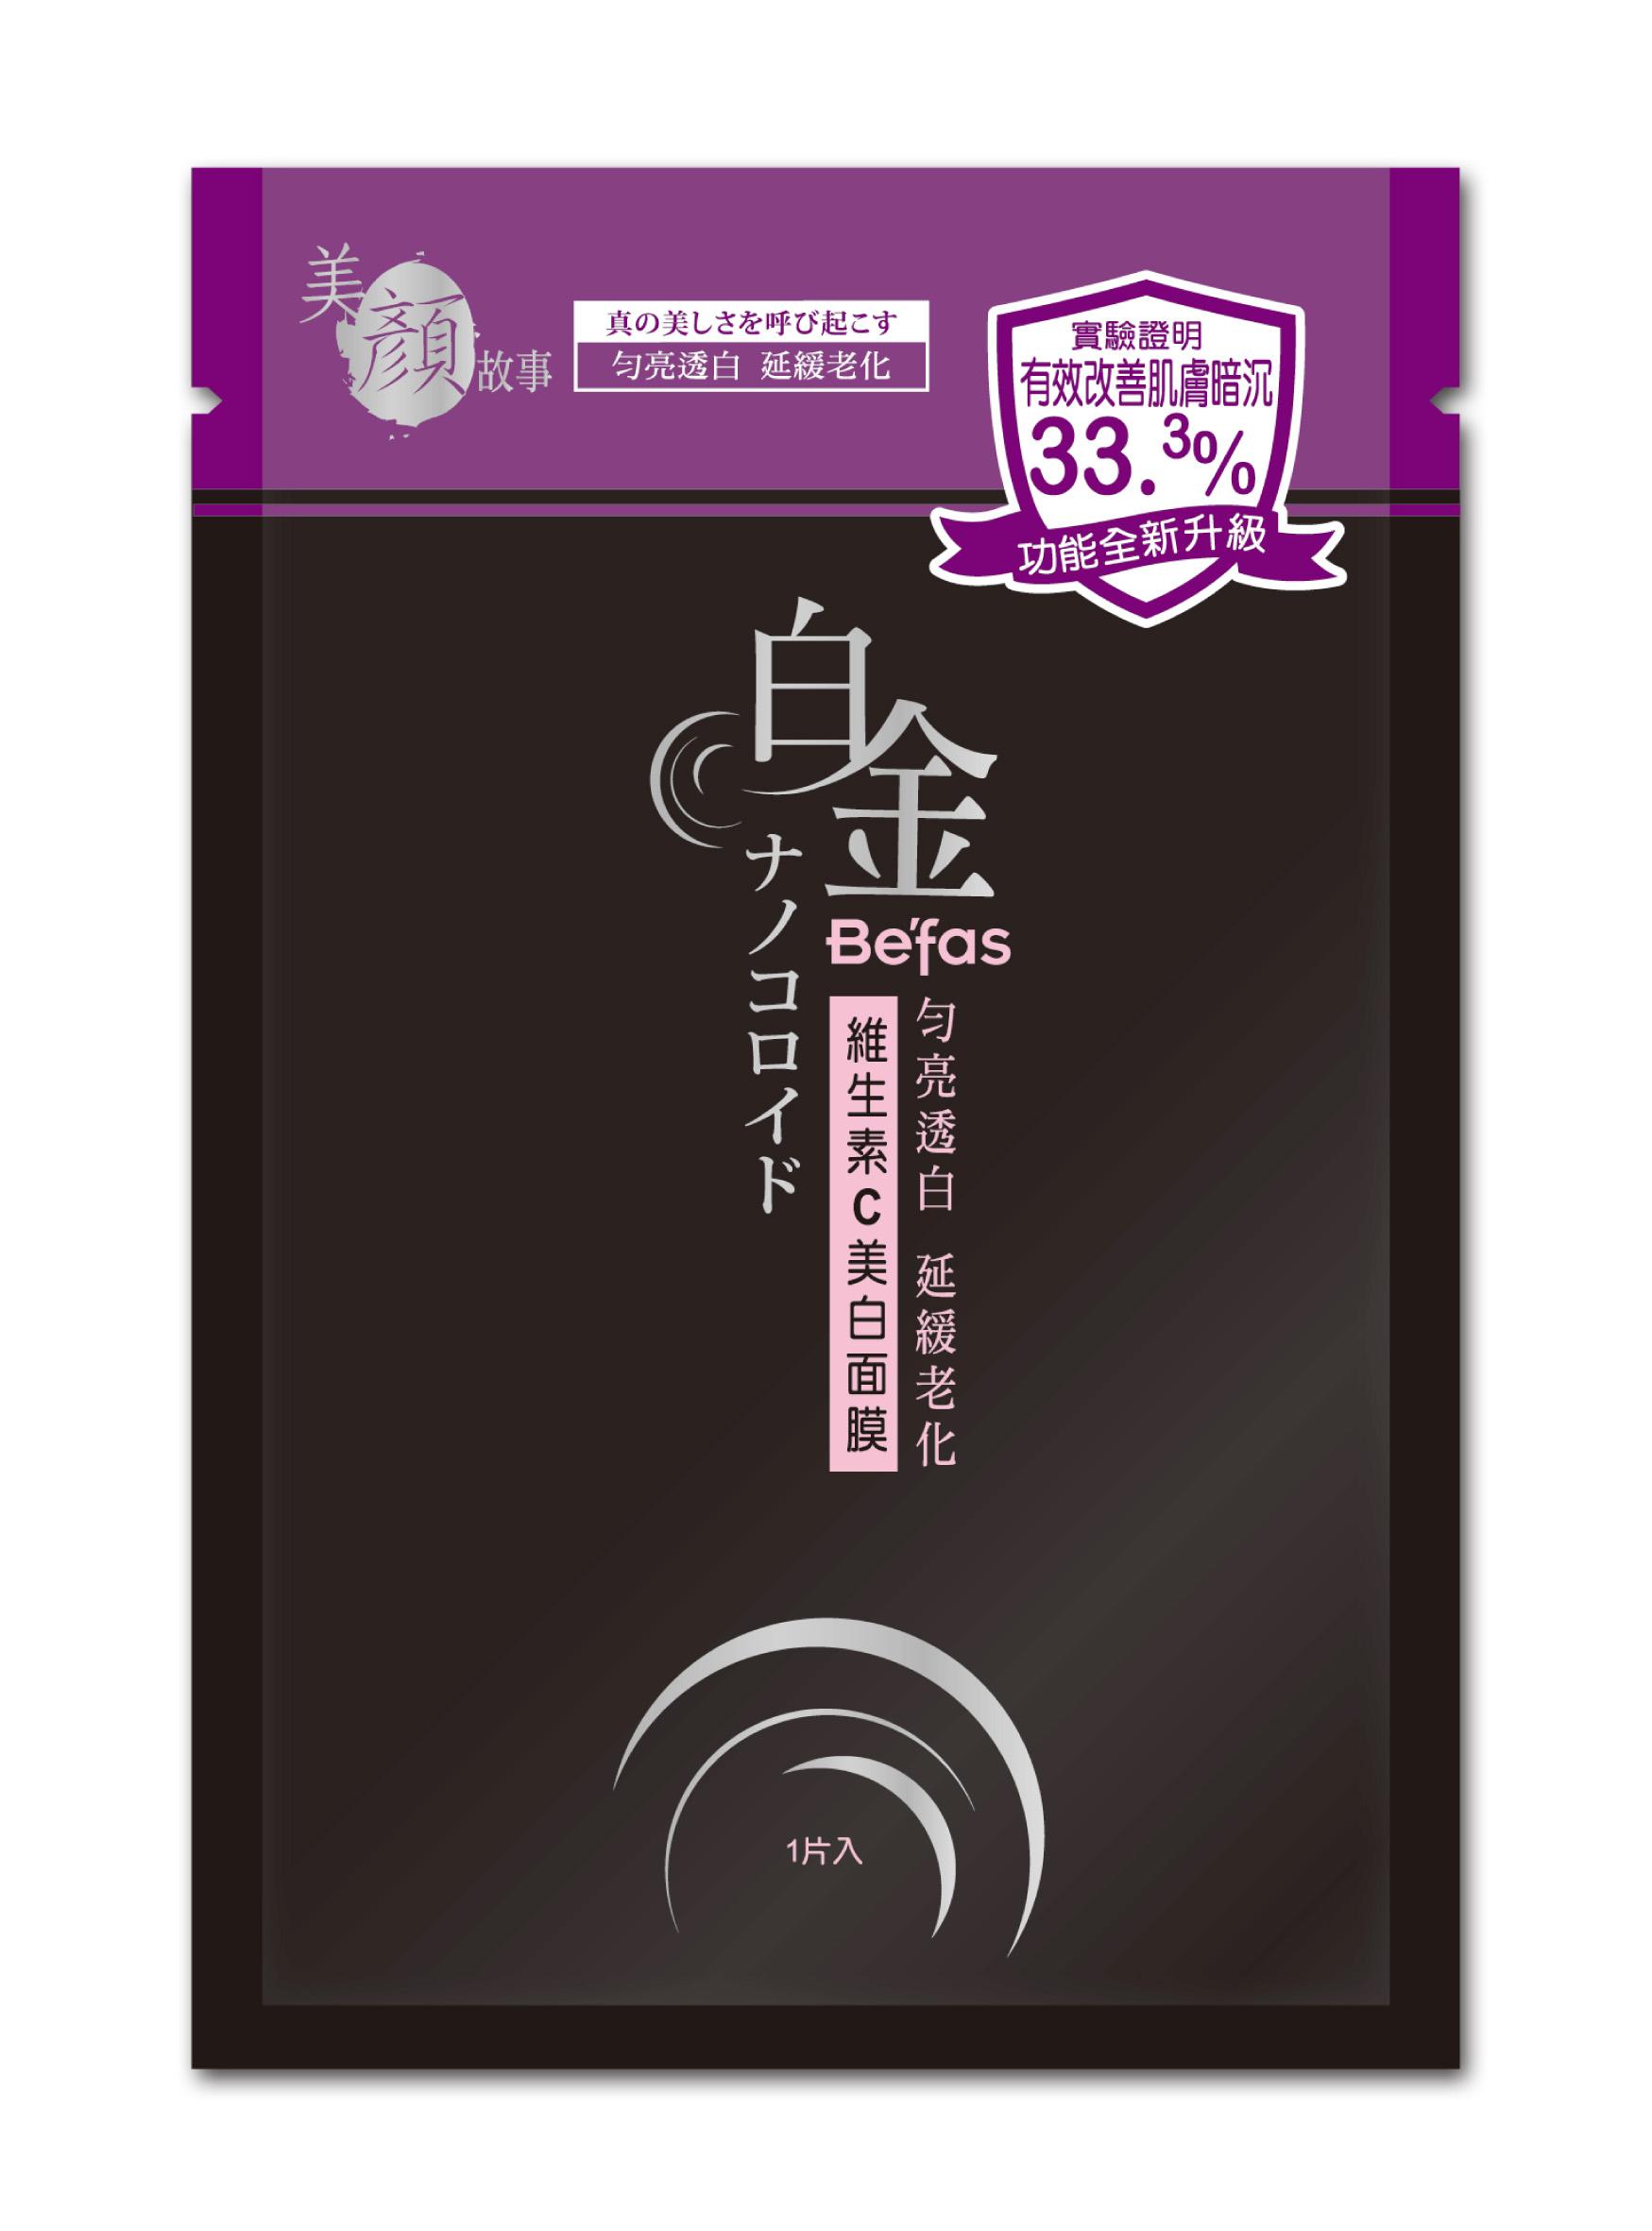 【即期良品】【美顏故事】Befas白金維生素C美白面膜4入/盒(獨特機能隱形面膜)(2017/4/19)